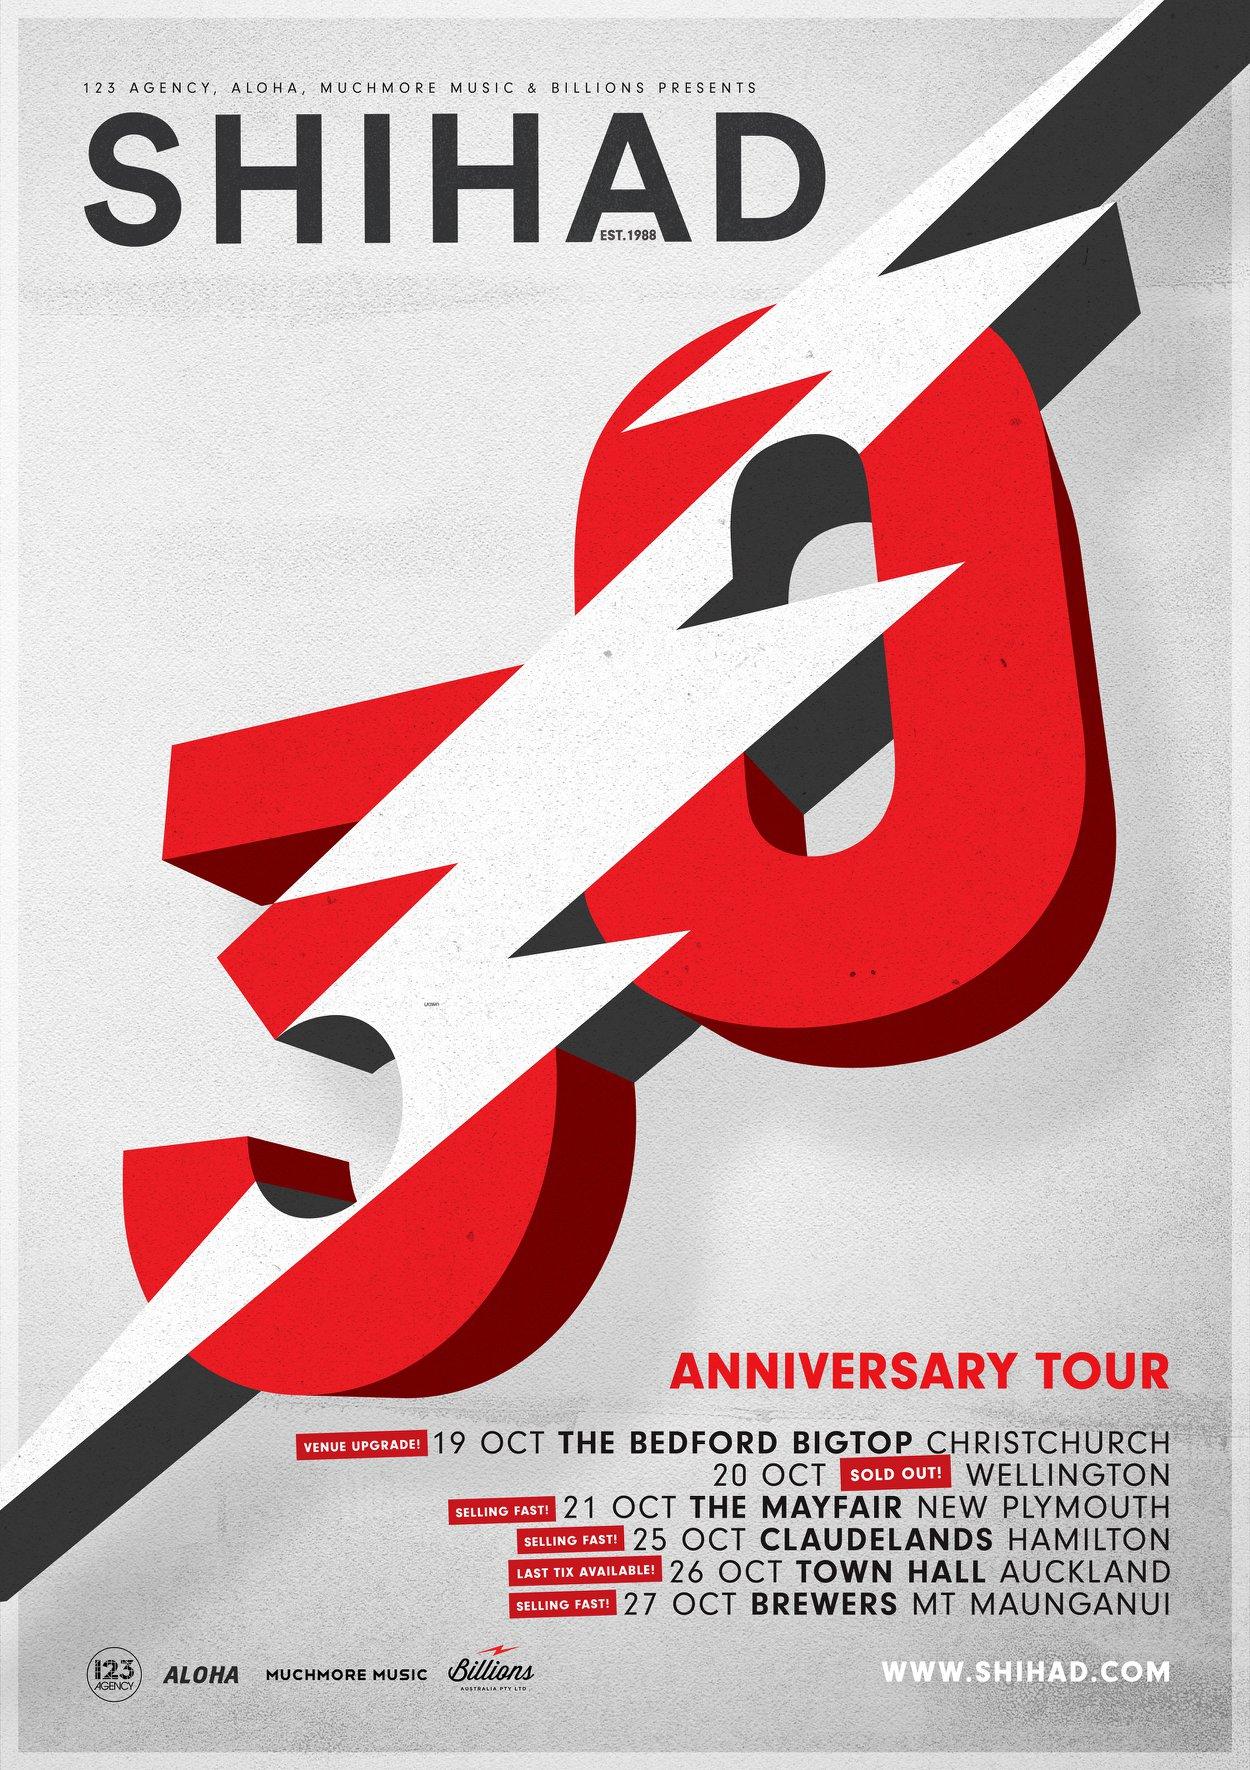 Shihad 30 Tour Poster